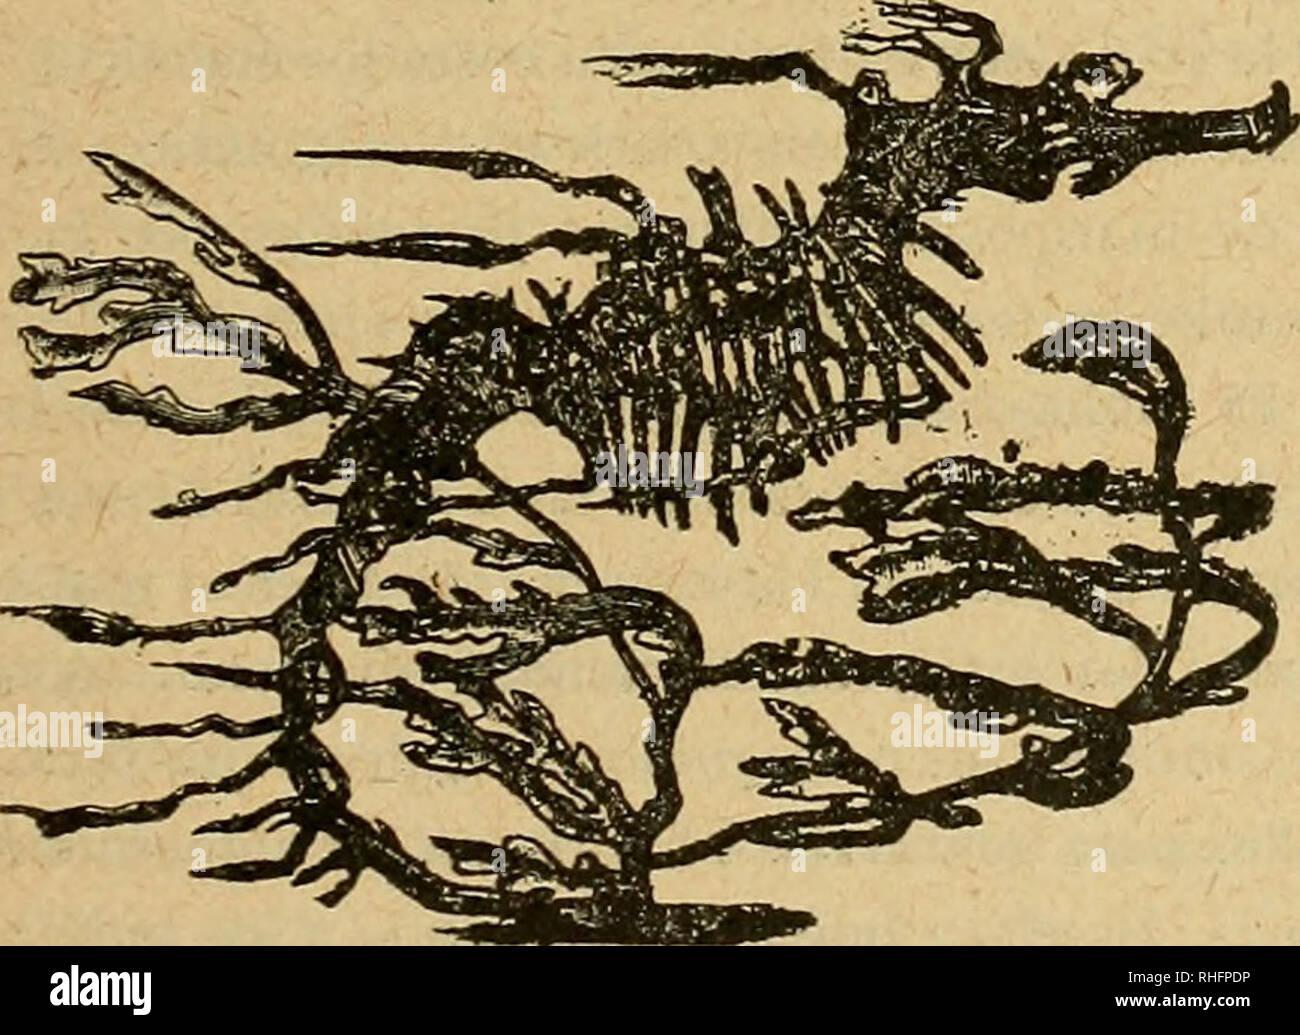 """. Boletín del Museo Nacional de Chile. Storia naturale. Bernardino Quijada B.-catálogo ilustrado 101 '- . 1 """"Io ¿ 'í* E ^*; """"**>_ i j i'.SB ¿ g&íoi i """" V • W^k ¿ ÉL *?y, gigSfik / 3 '* ^ ^"""" ^ft* 'oSL : *> r?>¿ ^PMBBBIiSw*£ r?6¿ - < ú . •-;I- ;' s-! Fig. 23.-Araña de Forbes (Ornithoscatoides decipiens). Conviene notar en seguida que también hai Dípteros i, lo que es mas curioso, Lepidópteros, que toman el color i la forma de los Himenópteros venenosos Aculeados o. L'ESTO sucede, por. Fig. 24.-Peje-tiras (eques Phyllopteryx). ejemplo, con el Braquícero chileno conocido con Foto Stock"""